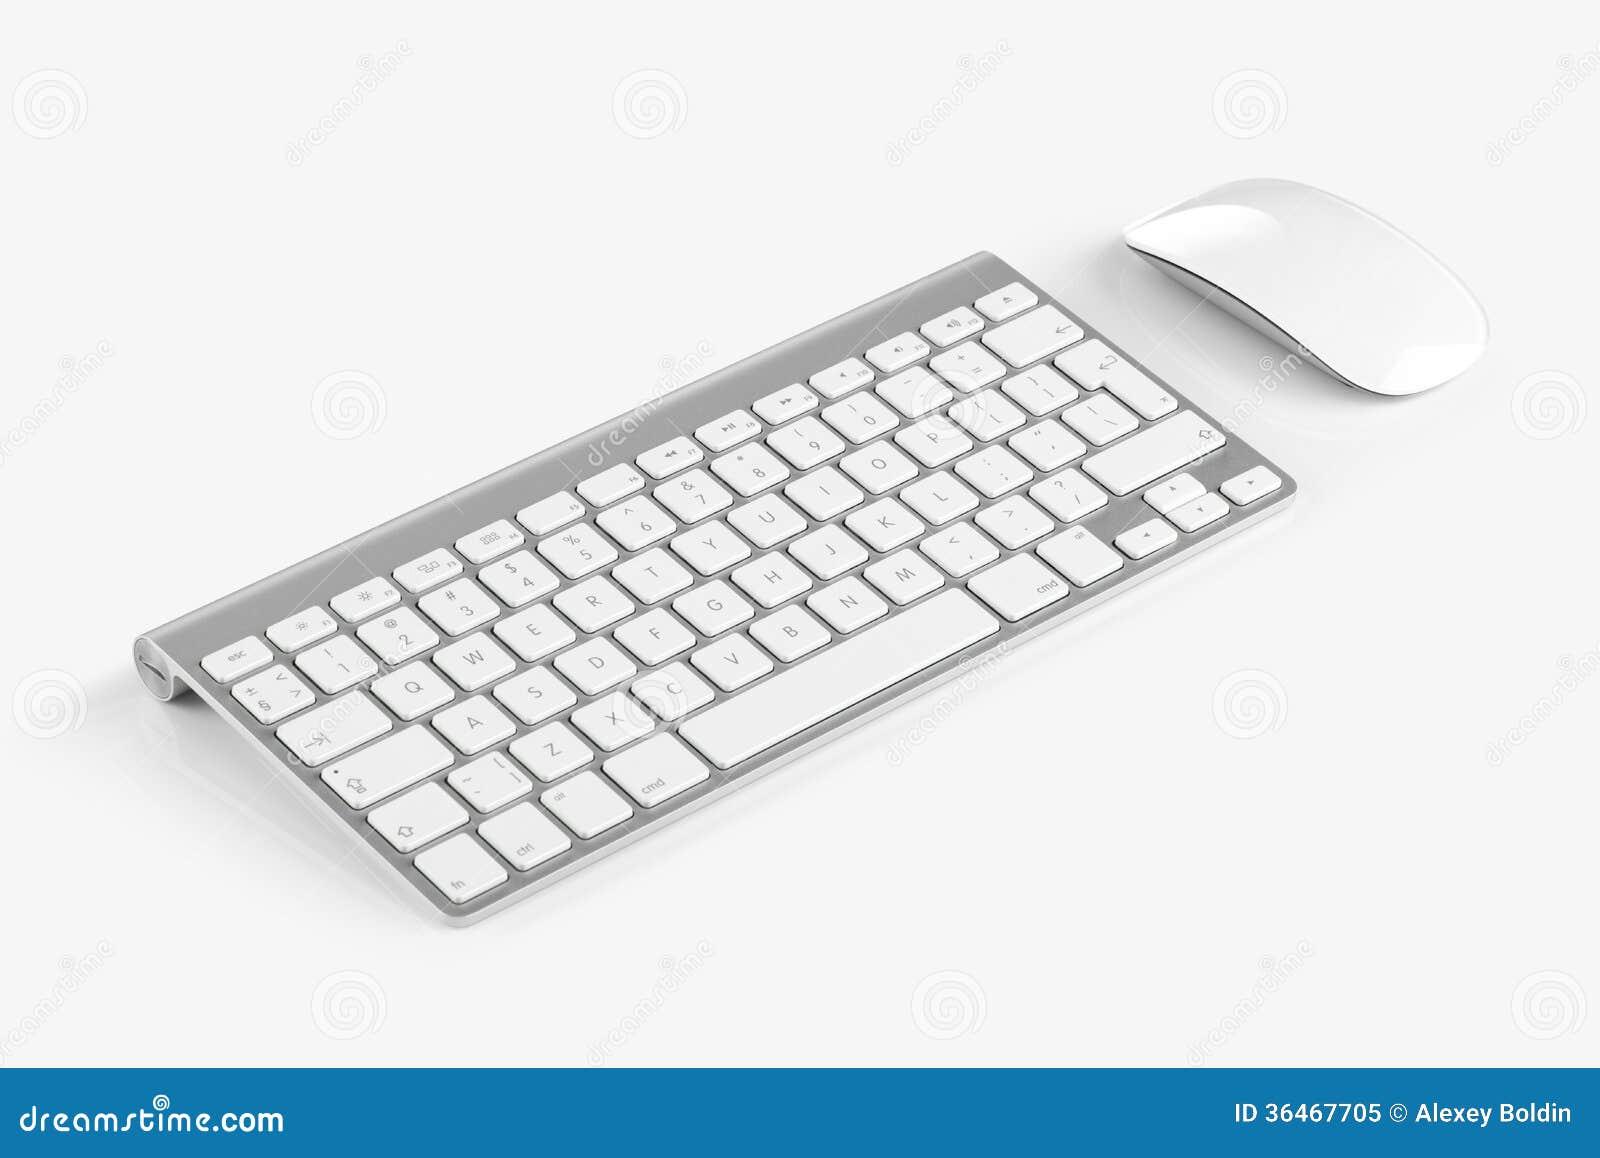 Bezprzewodowa komputerowa klawiatura i mysz odizolowywający na białym backgroun